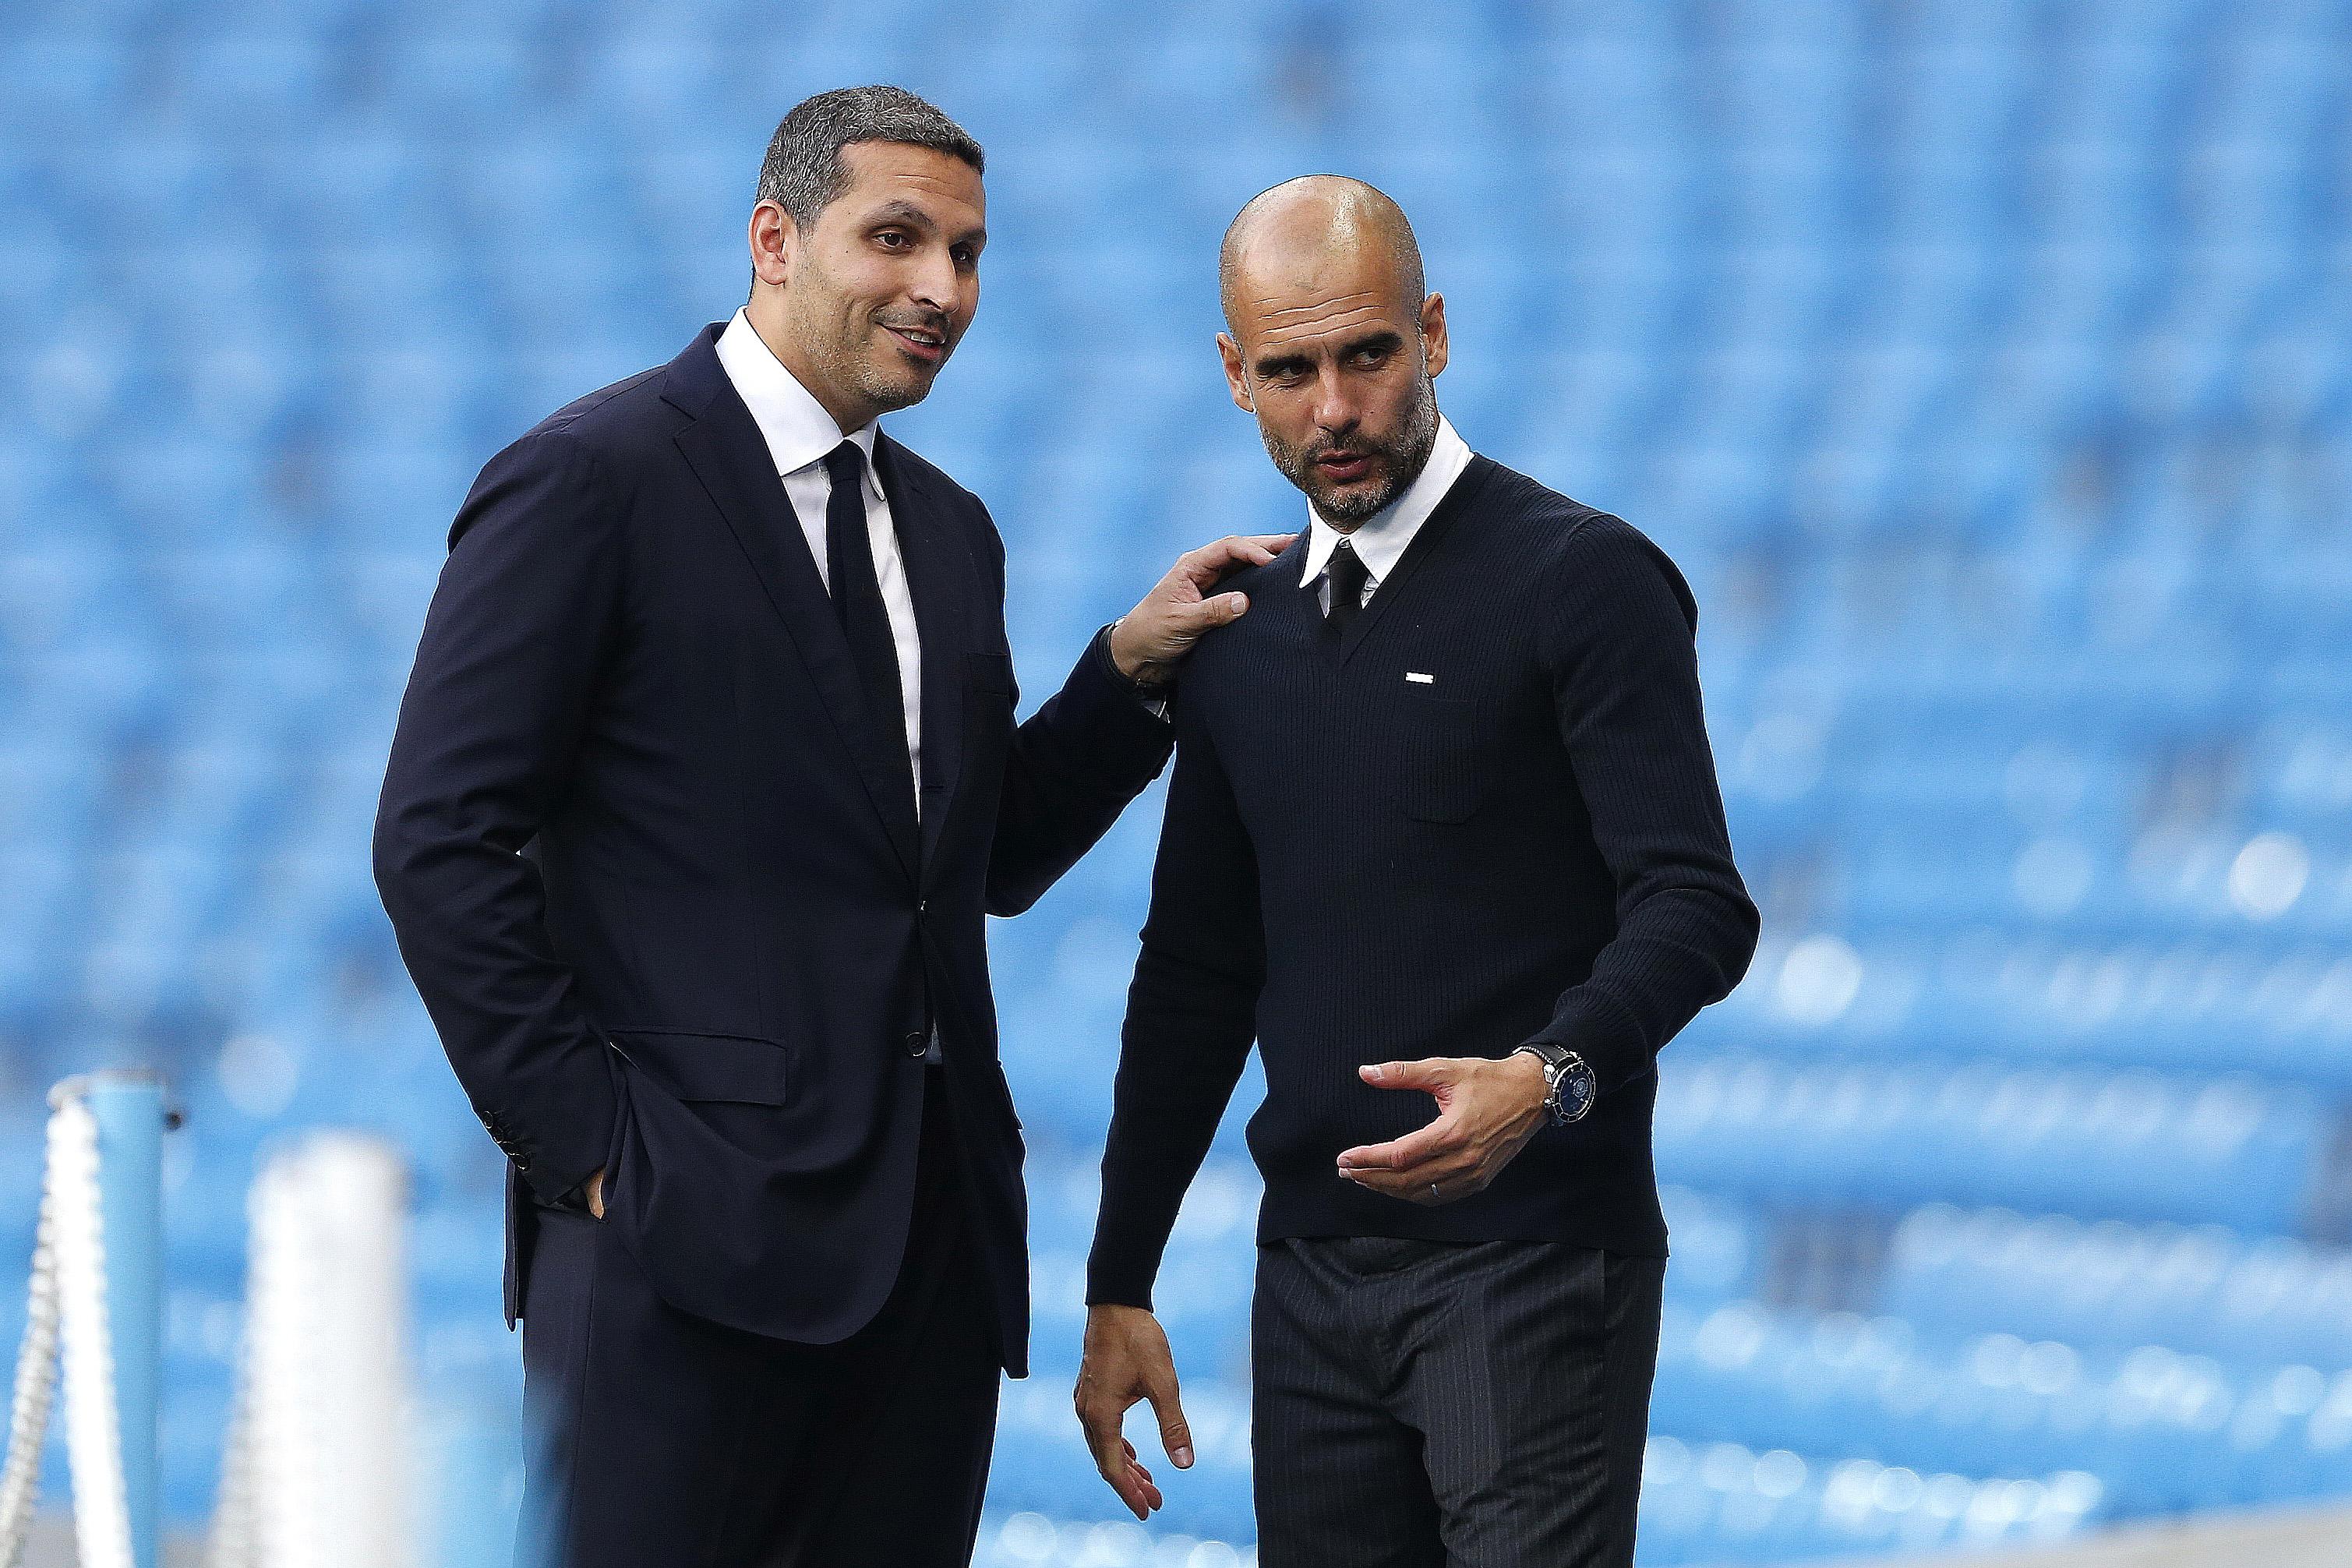 Egy UEFA-bizottság kérni fogja a Manchester City eltiltását egy BL-szezontól